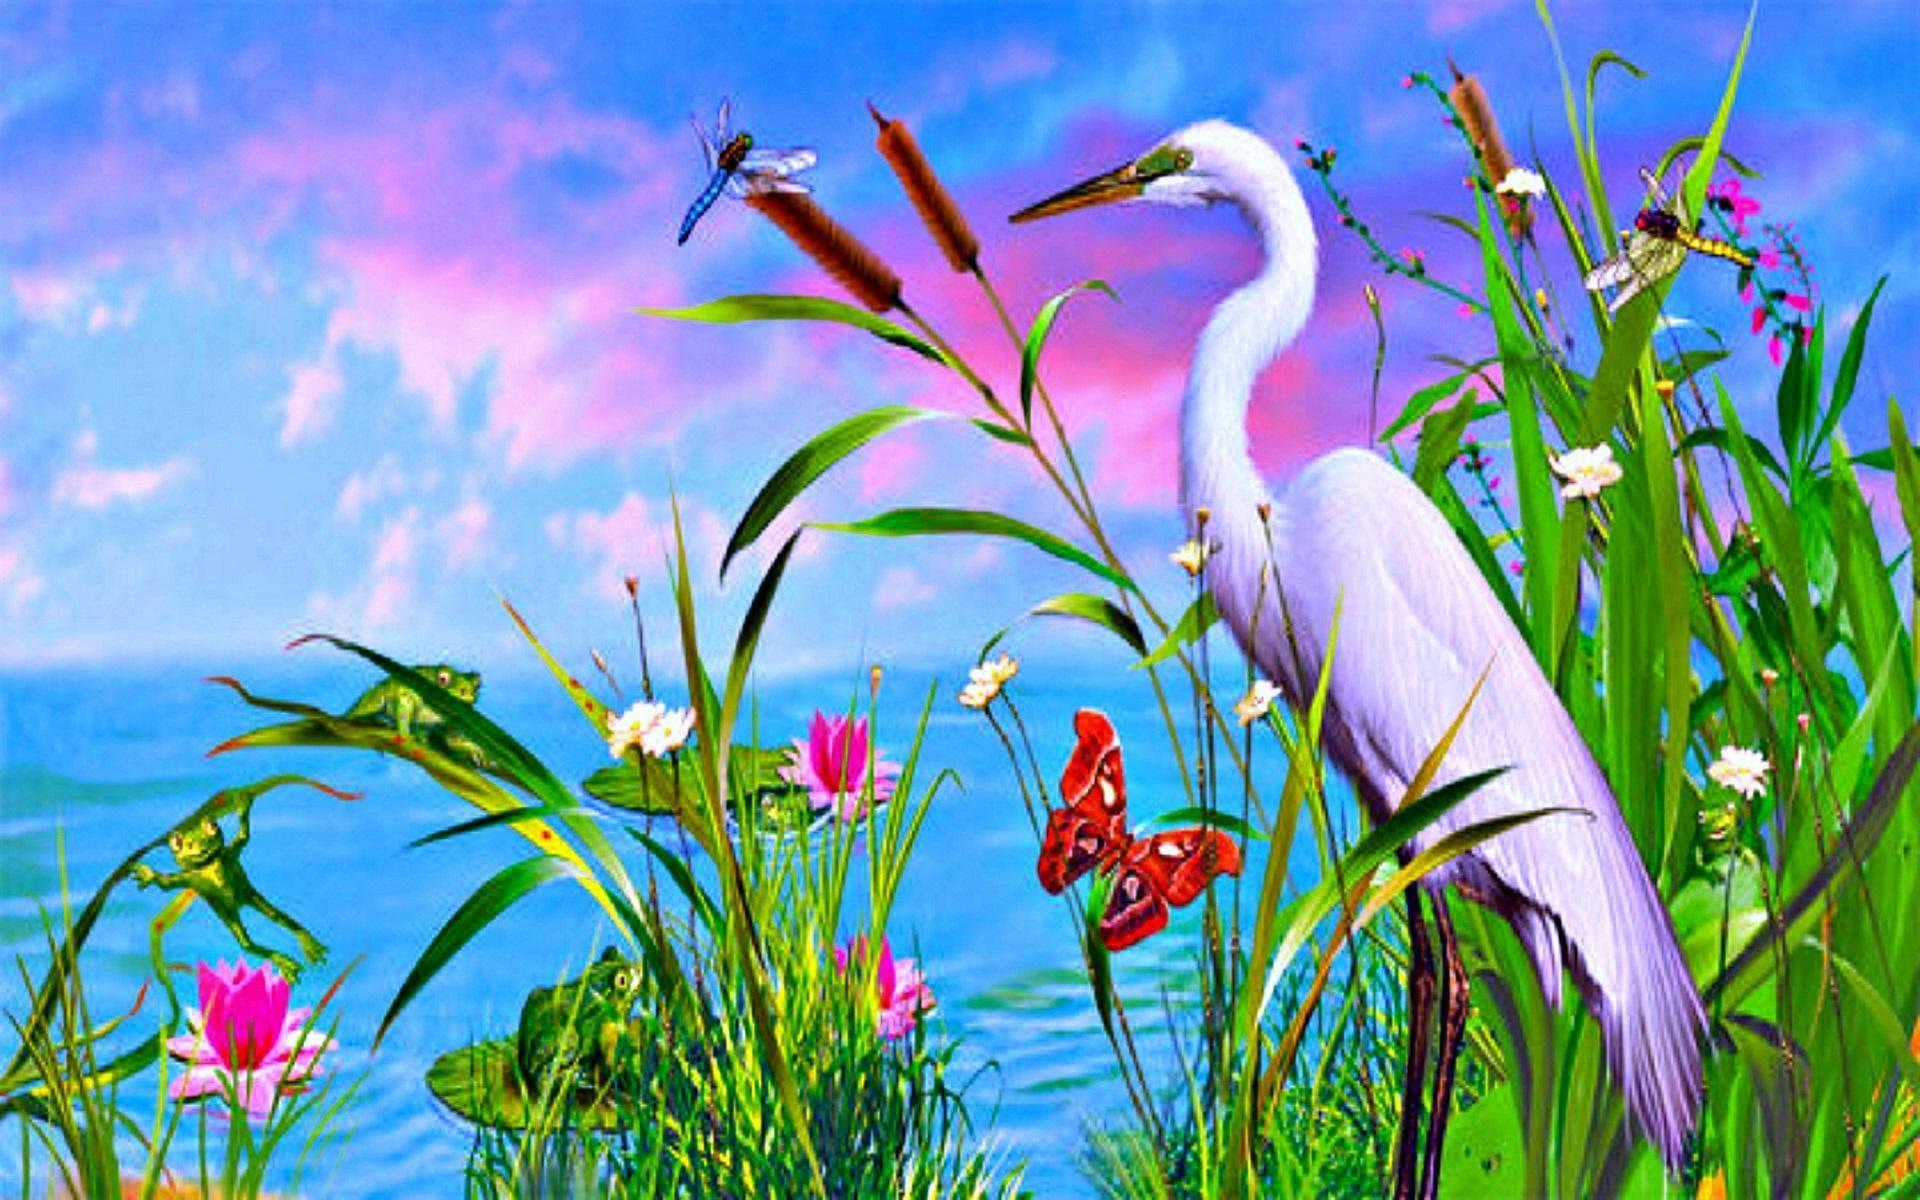 Pemandangan Indah Hd Wallpaper Desktop Layar Lebar Definisi